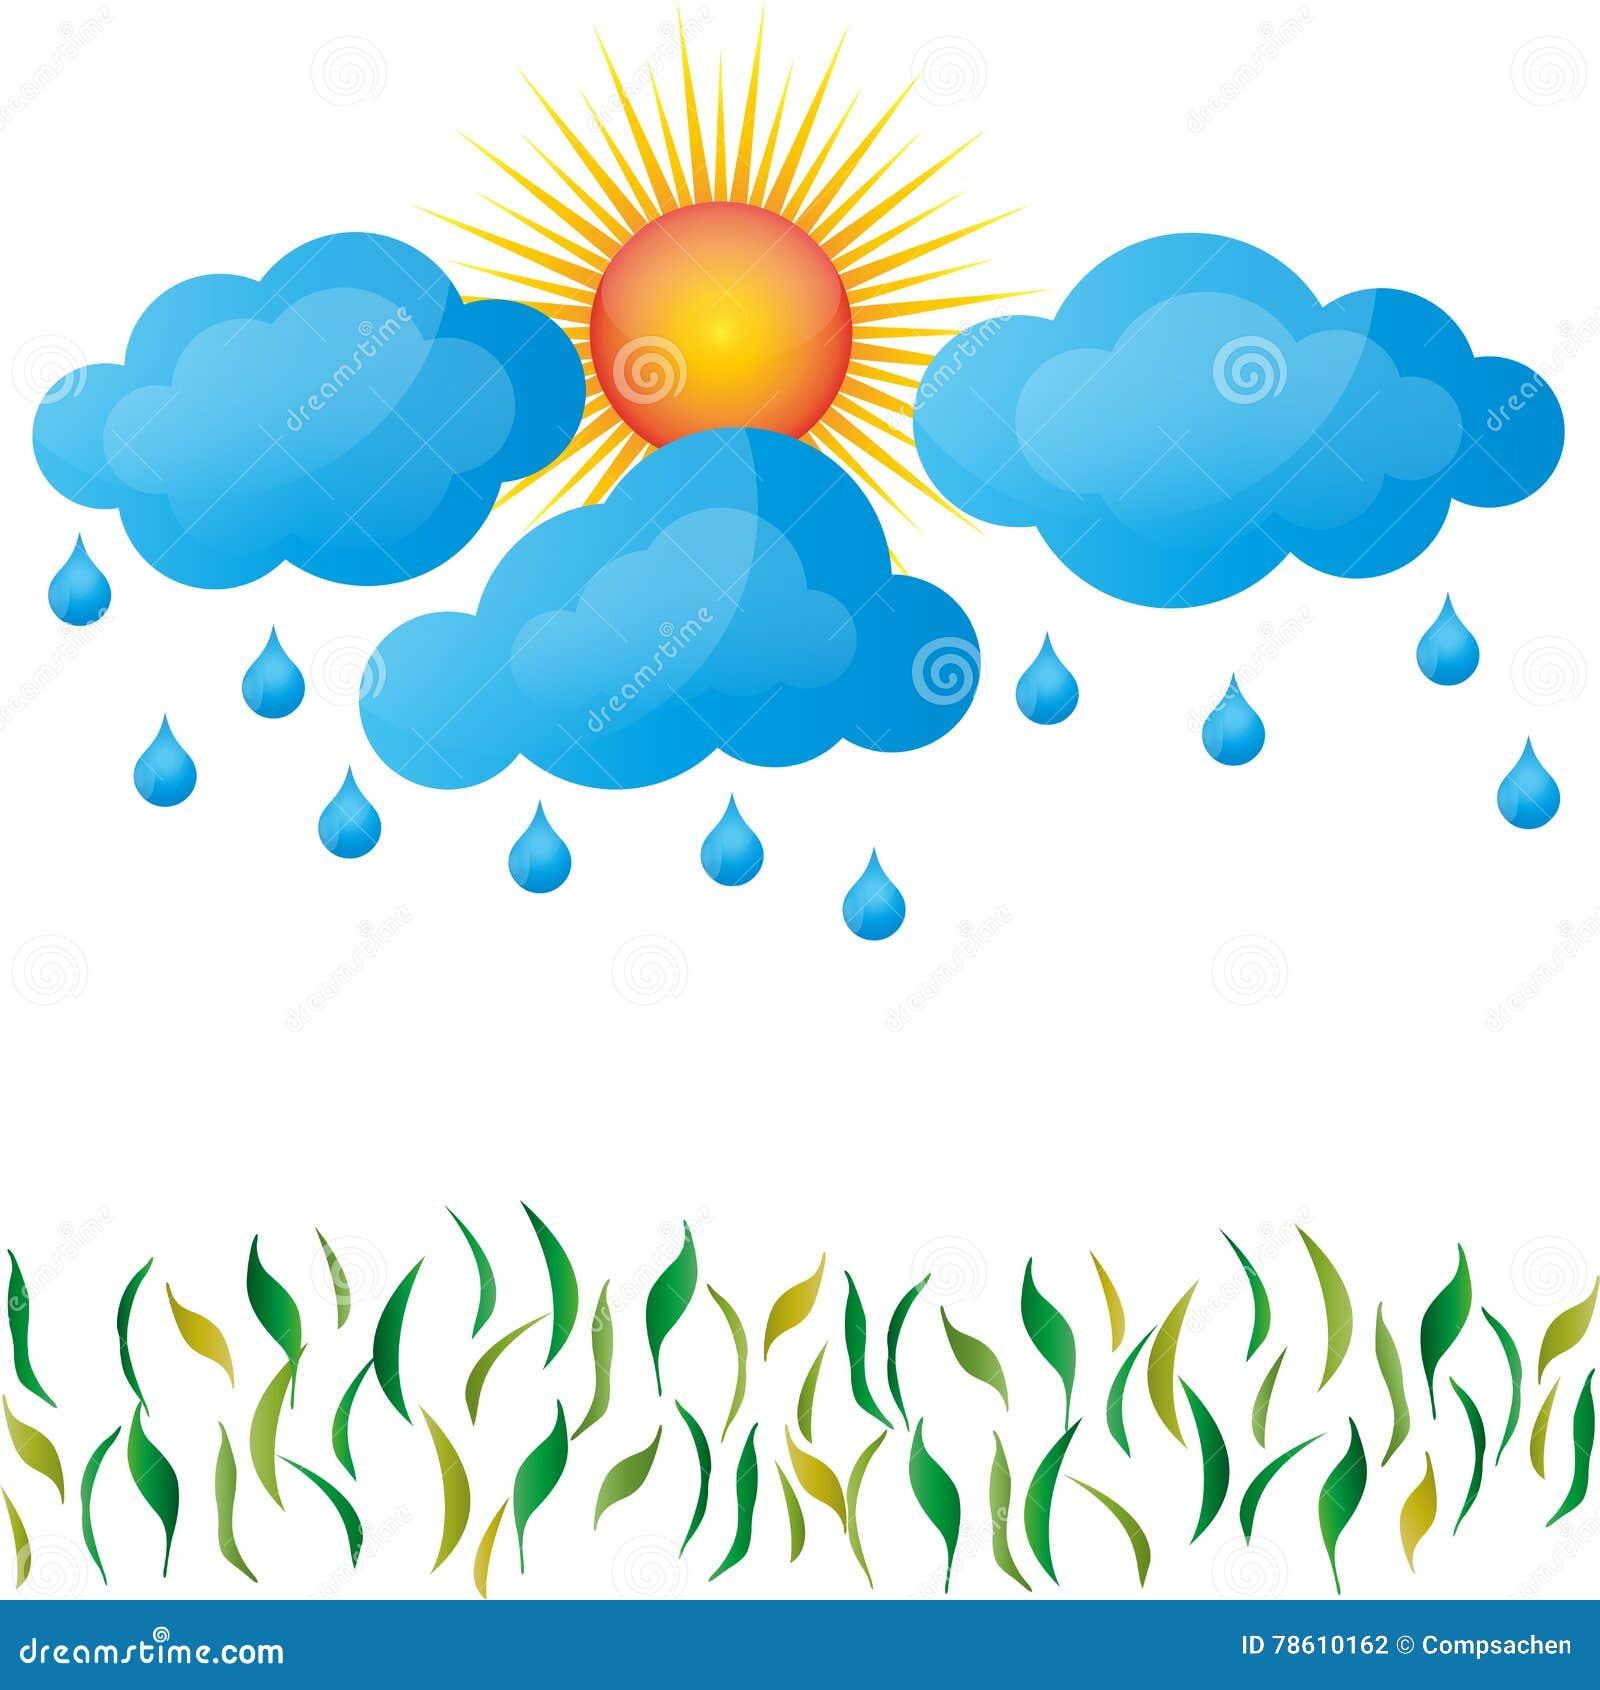 Deszcz, wiosna, słońce, chmury, trawa